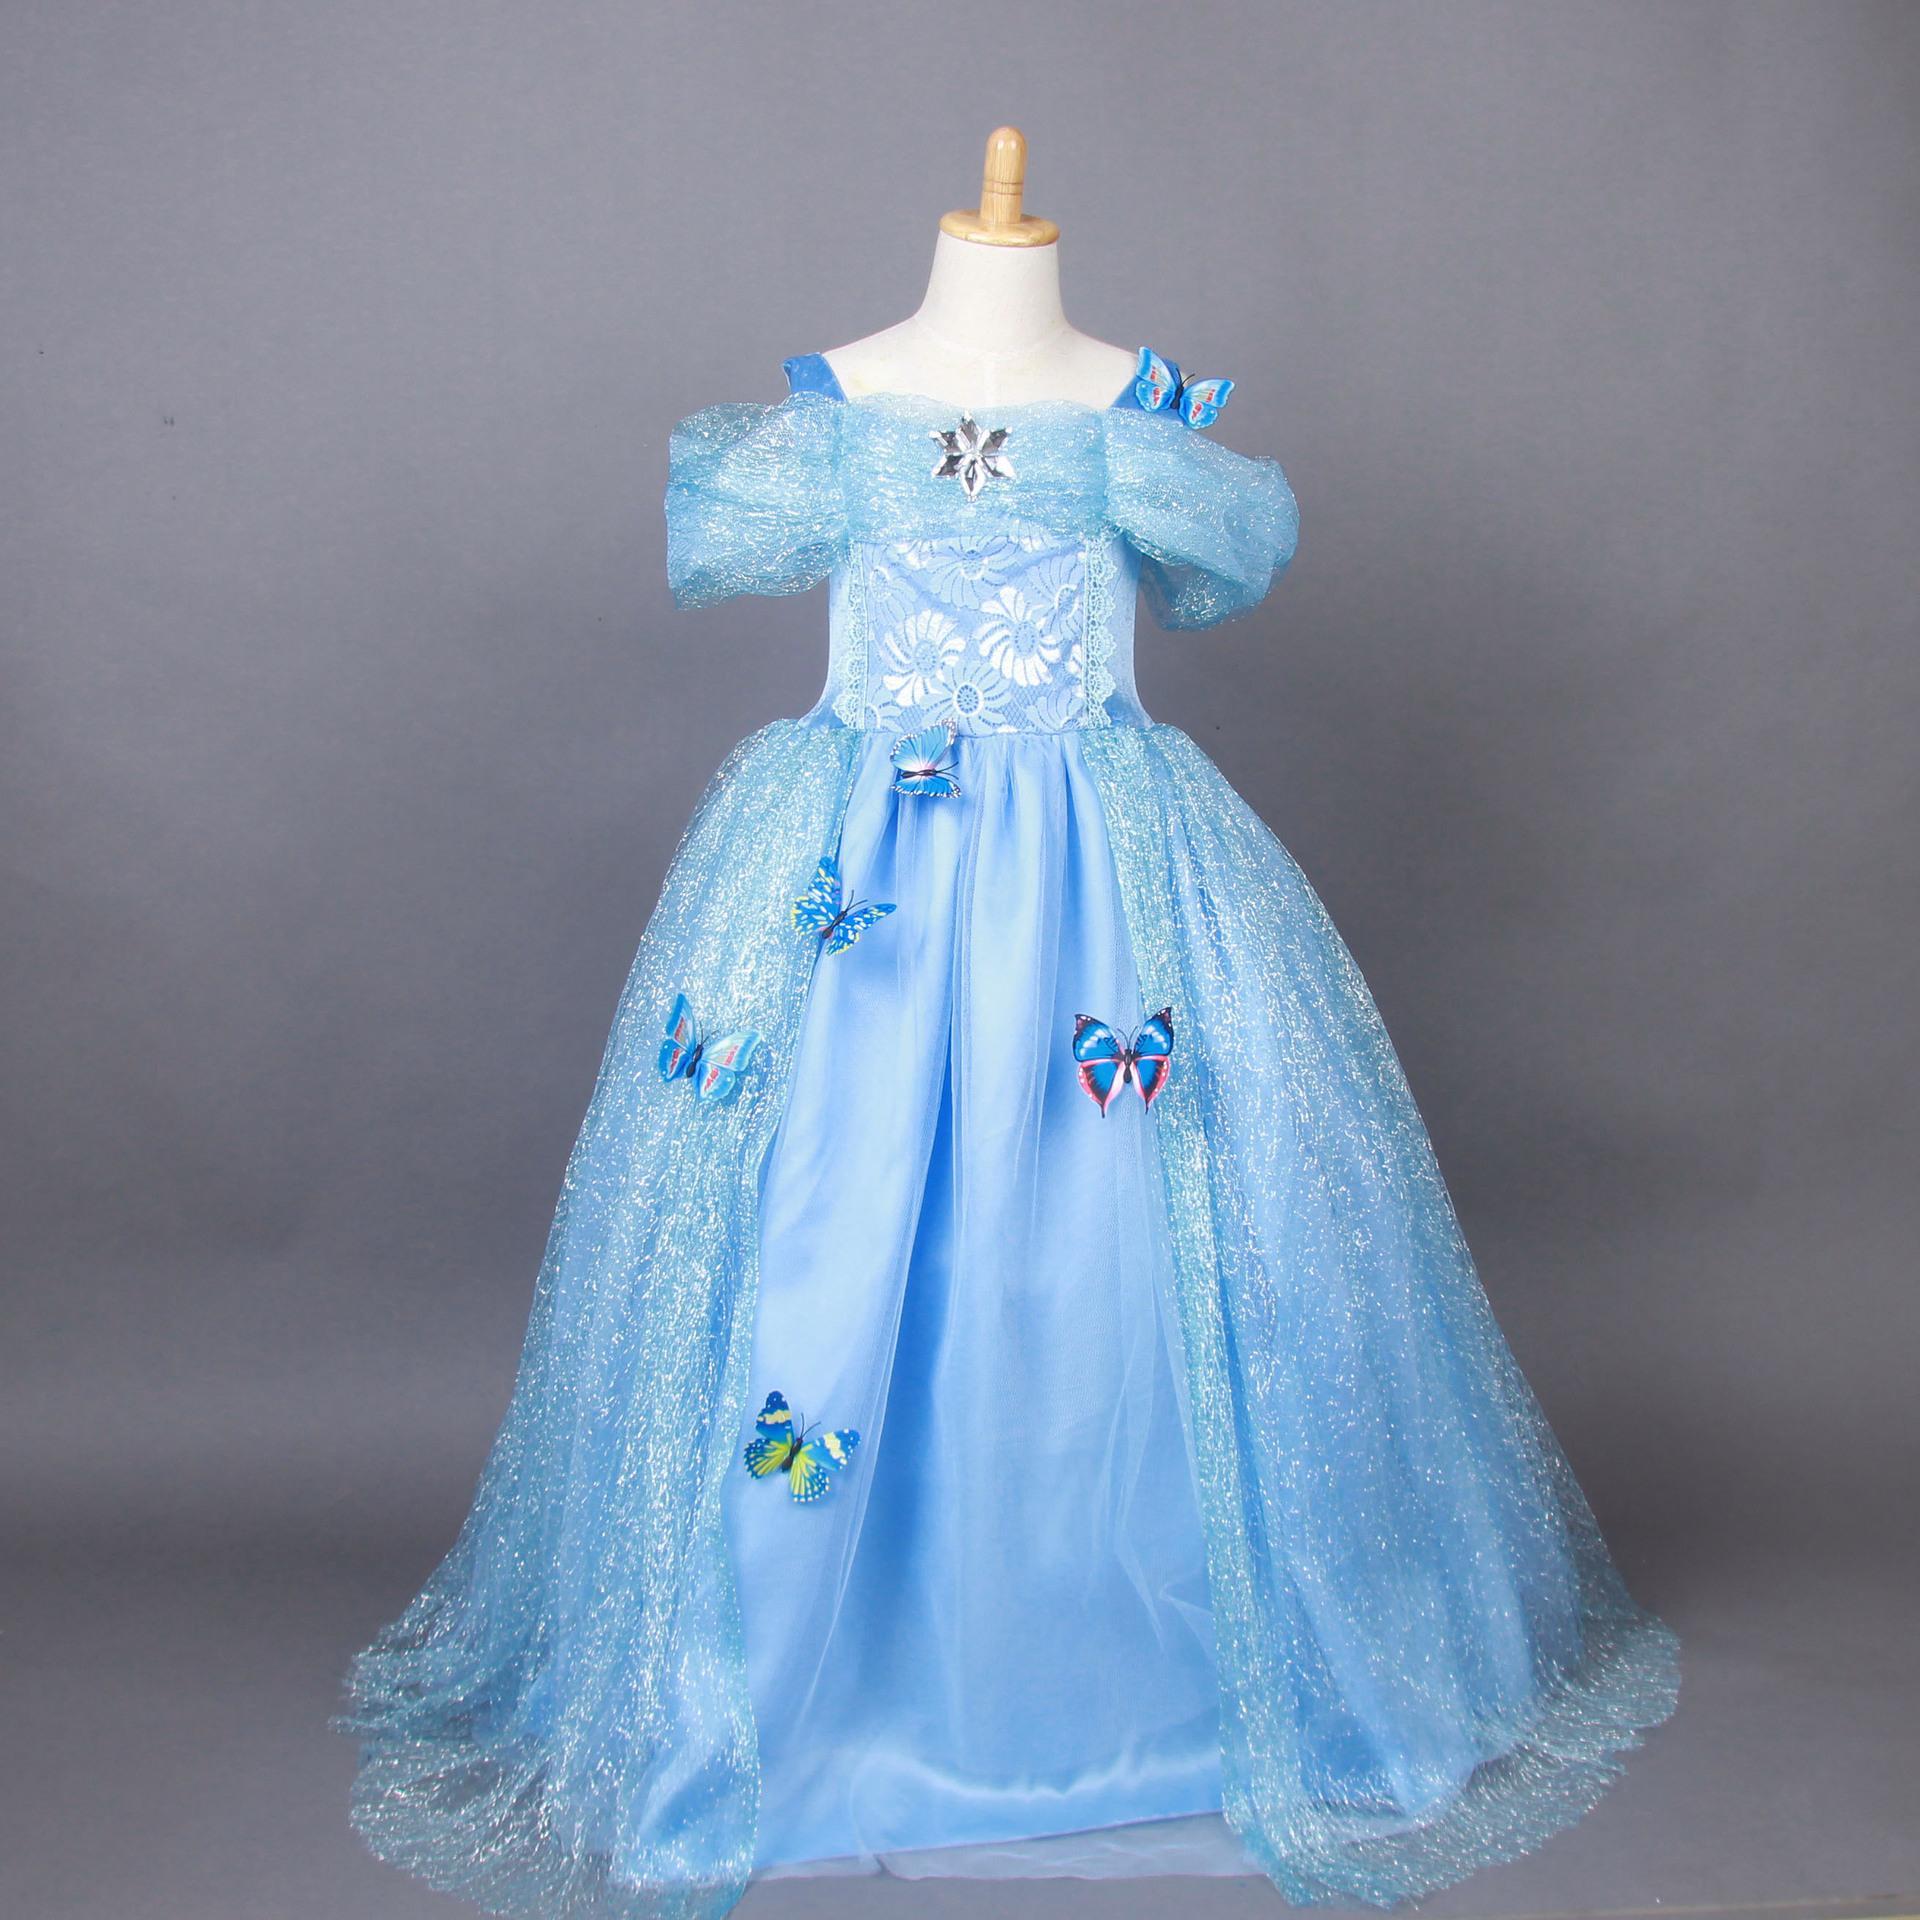 2017 2015 Frozen Elsa Dresses Cotton Cinderella Blue Princess ...